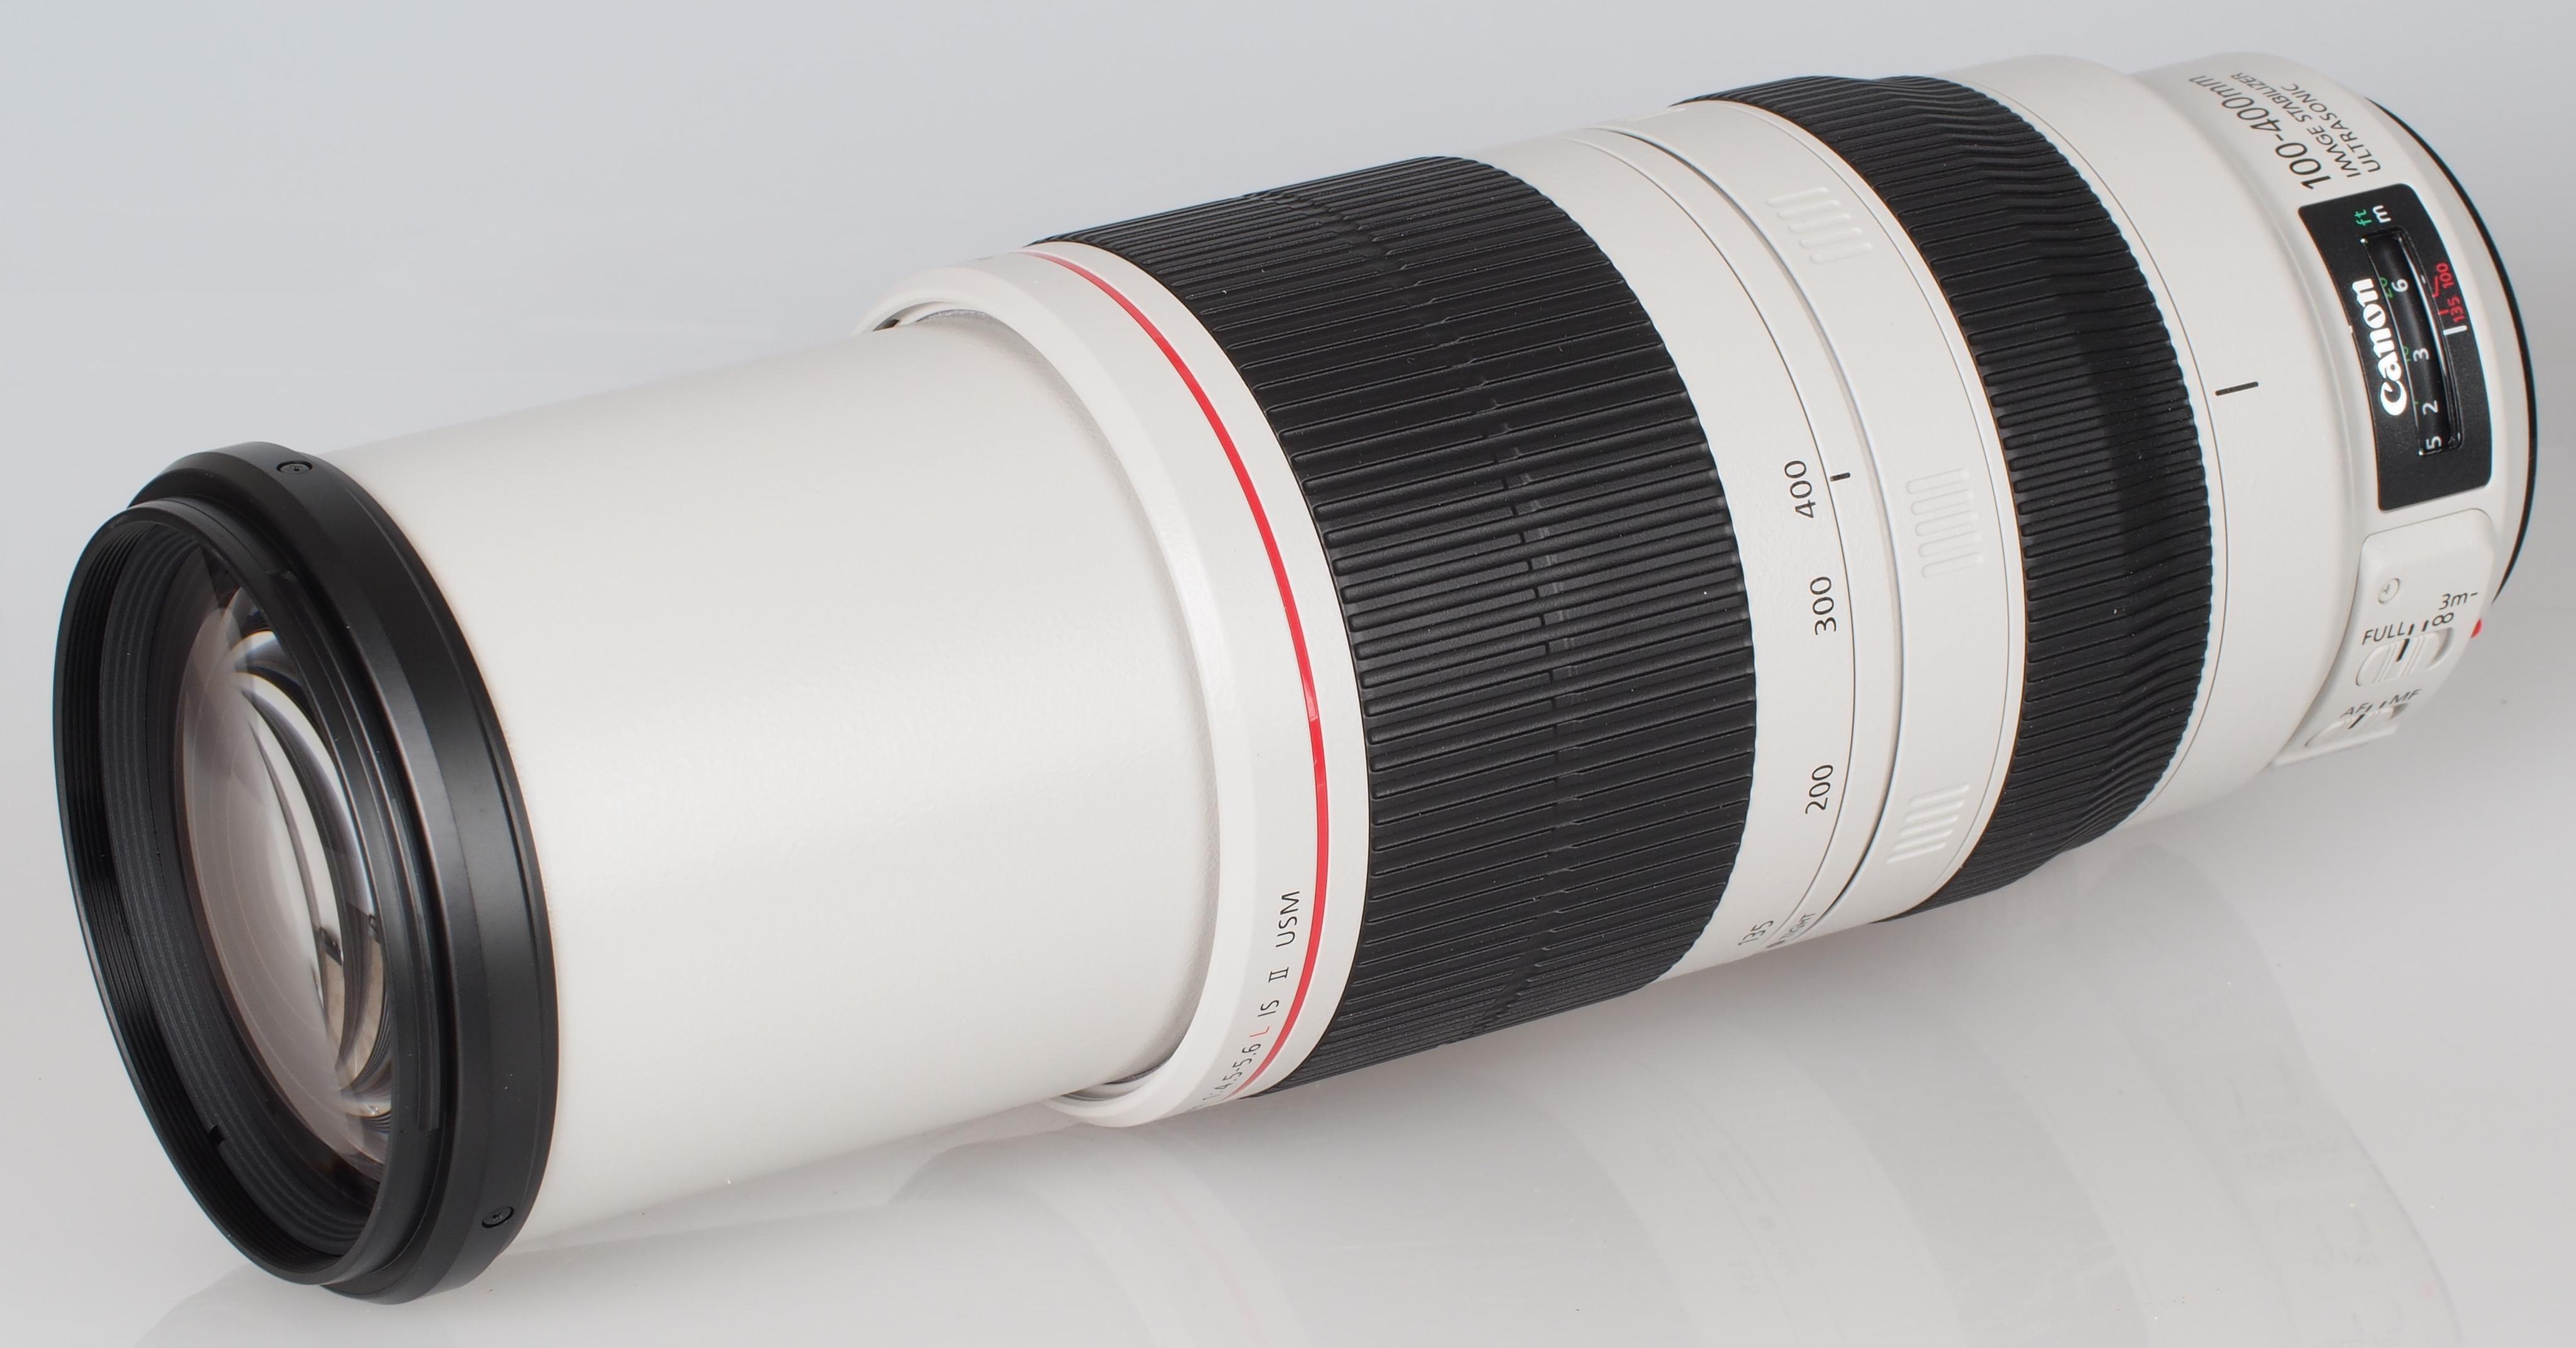 canon ef 100 400mm f 4 5 5 6l is ii usm lens review. Black Bedroom Furniture Sets. Home Design Ideas